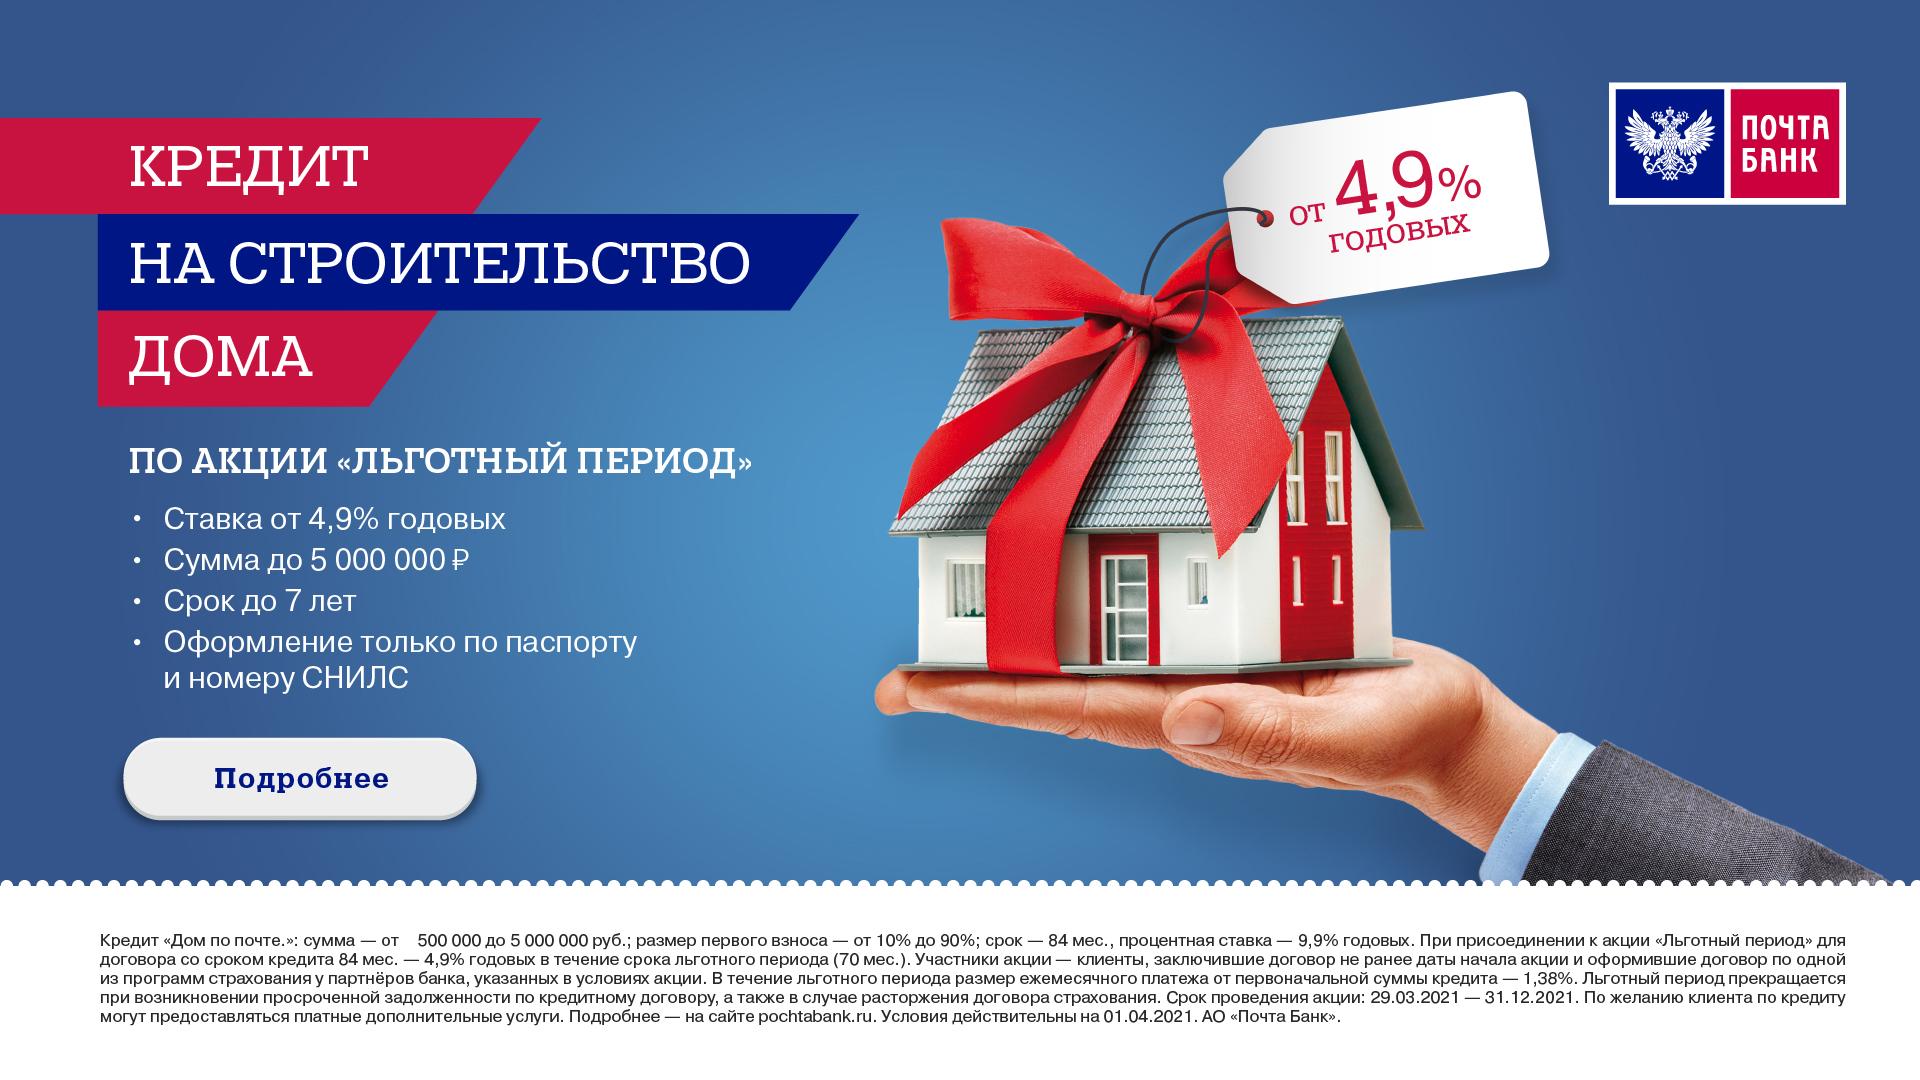 кредит в почта банк